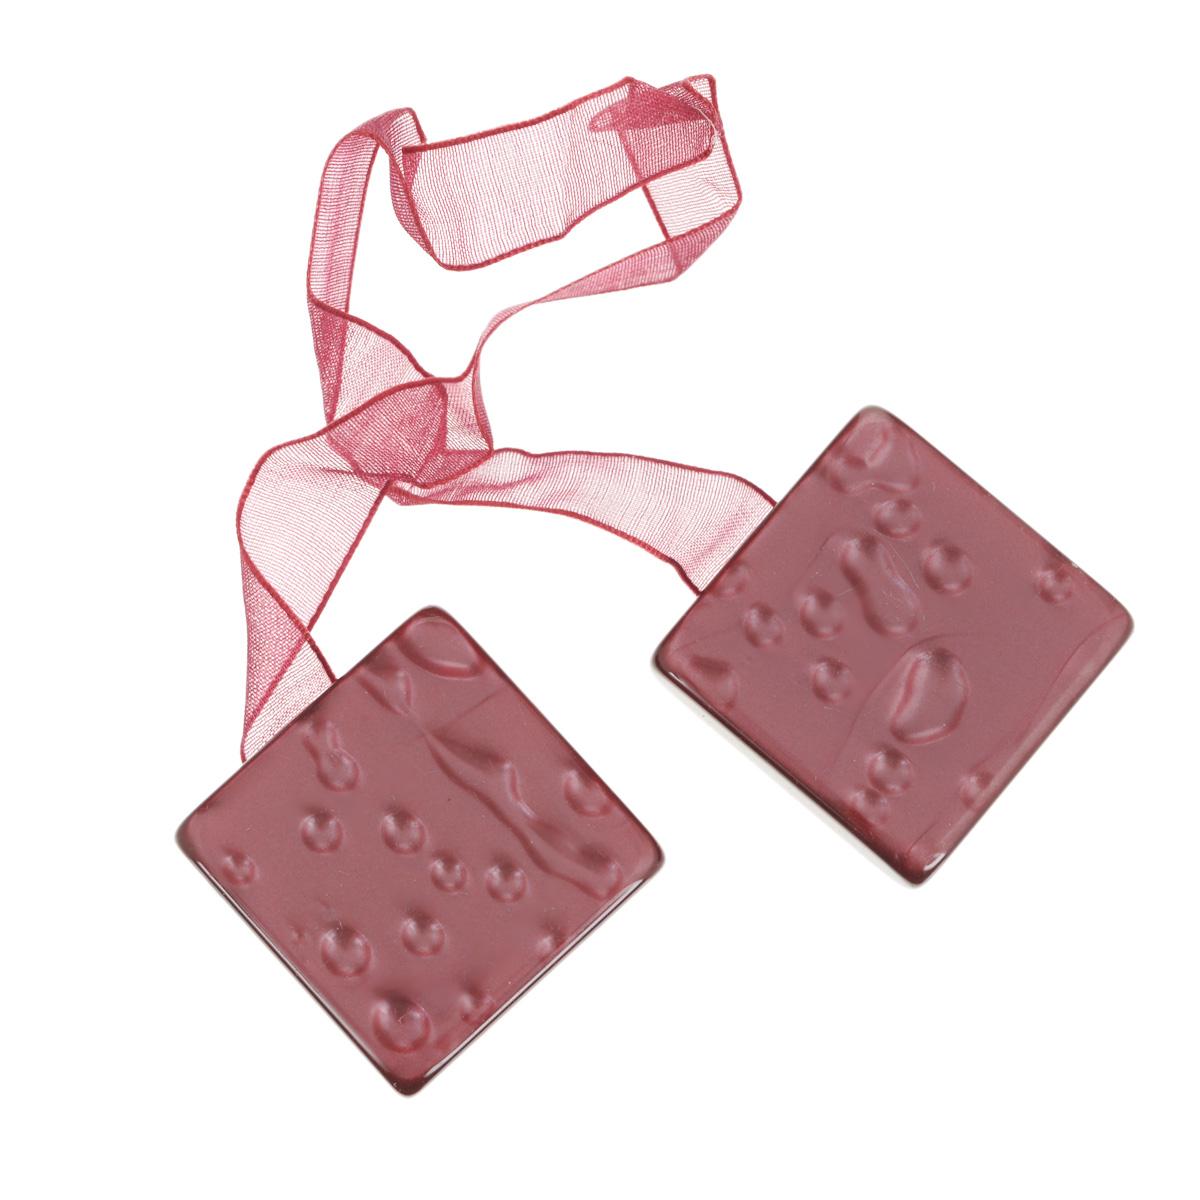 Клипса-магнит для штор Calamita Fiore, цвет: темно-розовый. 675263_632675263_632Клипса-магнит Calamita Fiore, изготовленная из пластика и текстиля, предназначена для придания формы шторам. Изделие представляет собой два магнита квадратной формы, расположенные на разных концах текстильной ленты. С помощью такой магнитной клипсы можно зафиксировать портьеры, придать им требуемое положение, сделать складки симметричными или приблизить портьеры, скрепить их. Клипсы для штор являются универсальным изделием, которое превосходно подойдет как для штор в детской комнате, так и для штор в гостиной. Следует отметить, что клипсы для штор выполняют не только практическую функцию, но также являются одной из основных деталей декора этого изделия, которая придает шторам восхитительный, стильный внешний вид.